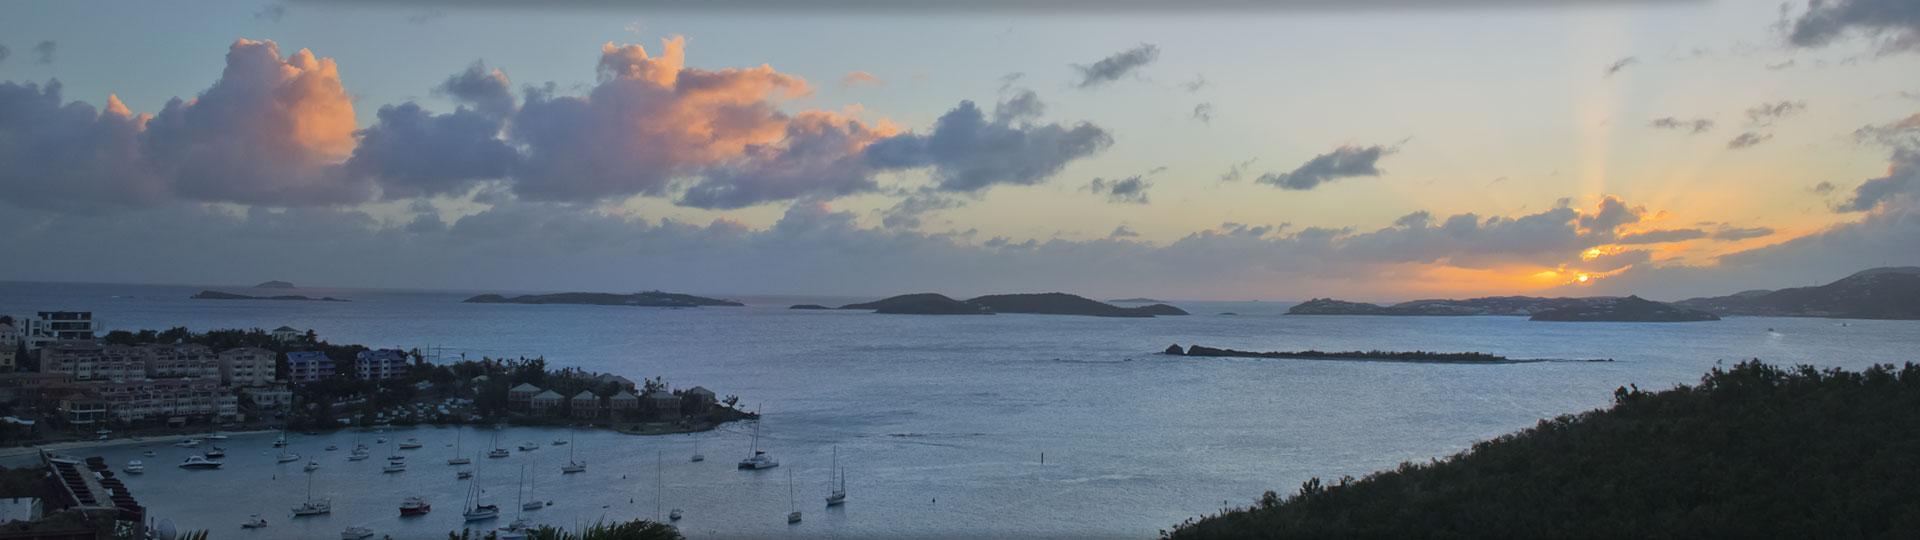 Cruz Bay, St John sunset